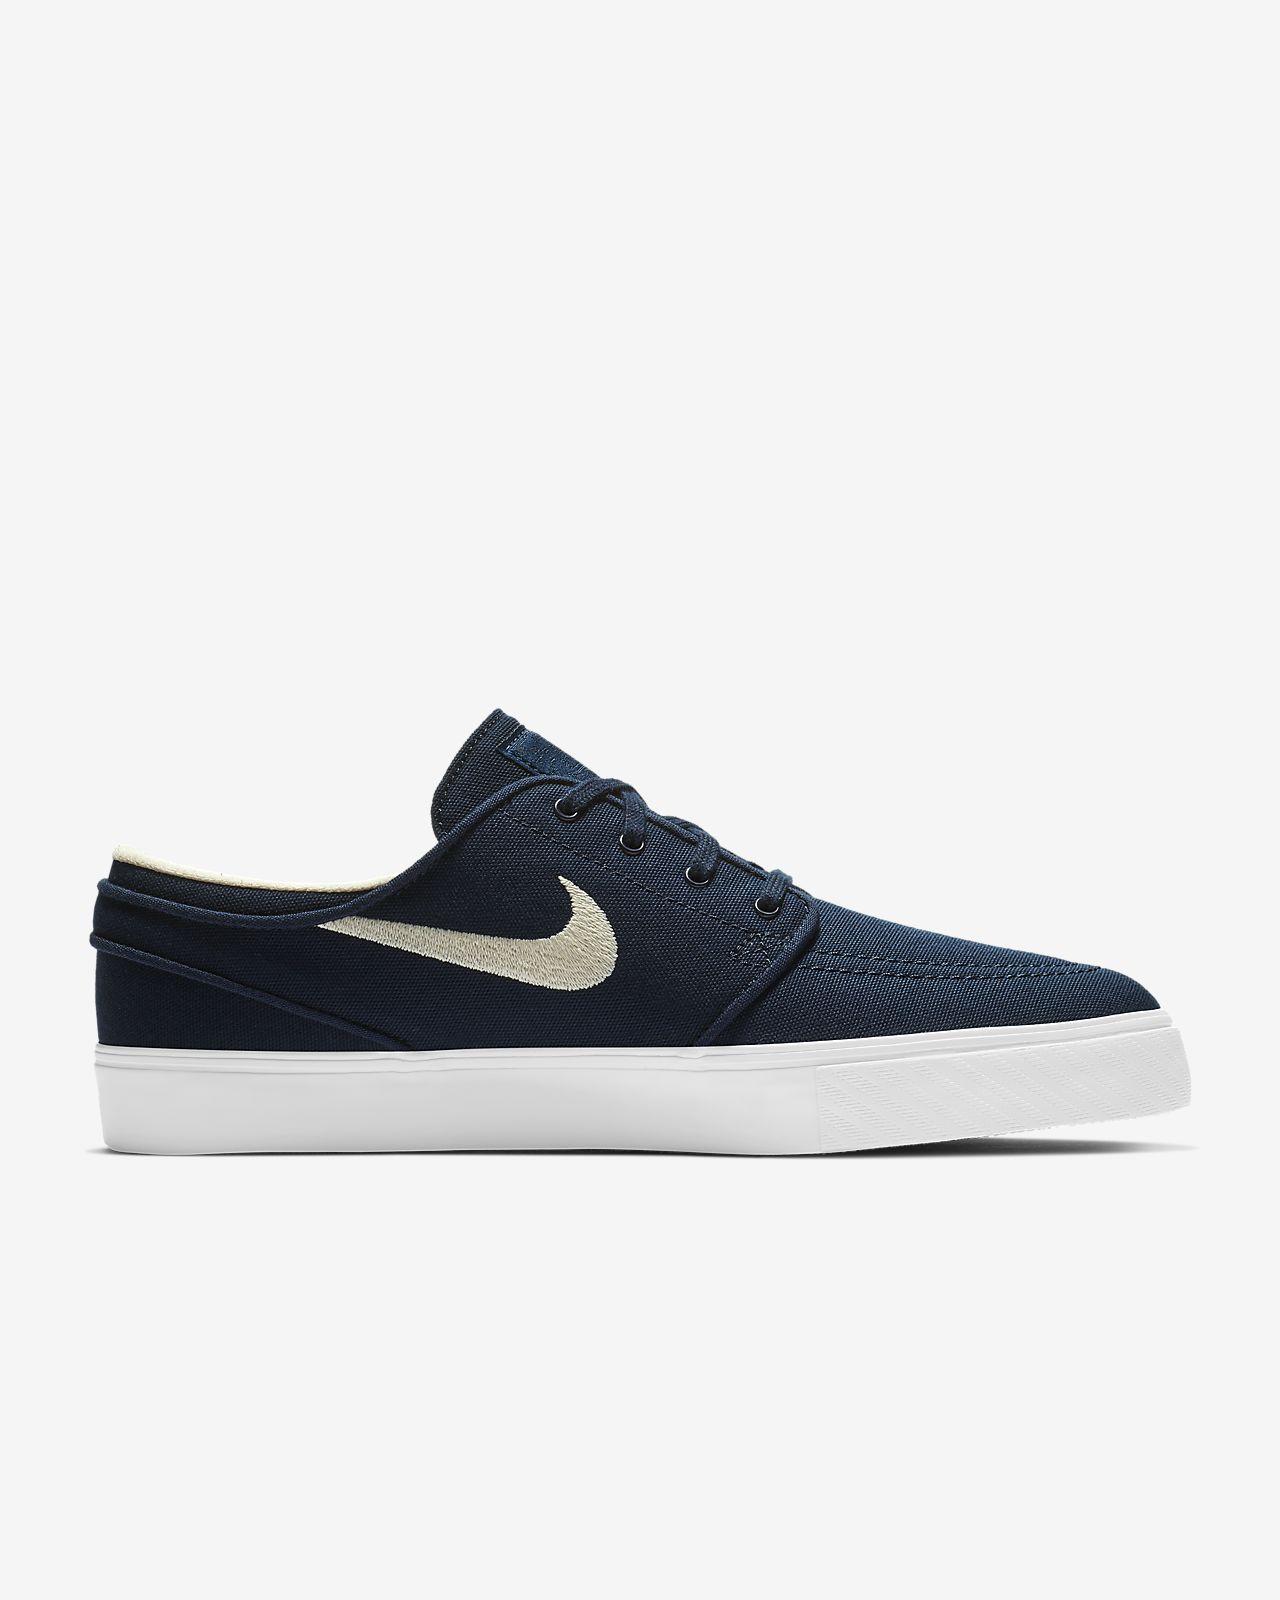 buy online 7137f 7c8df ... Nike SB Zoom Stefan Janoski Canvas Men s Skate Shoe